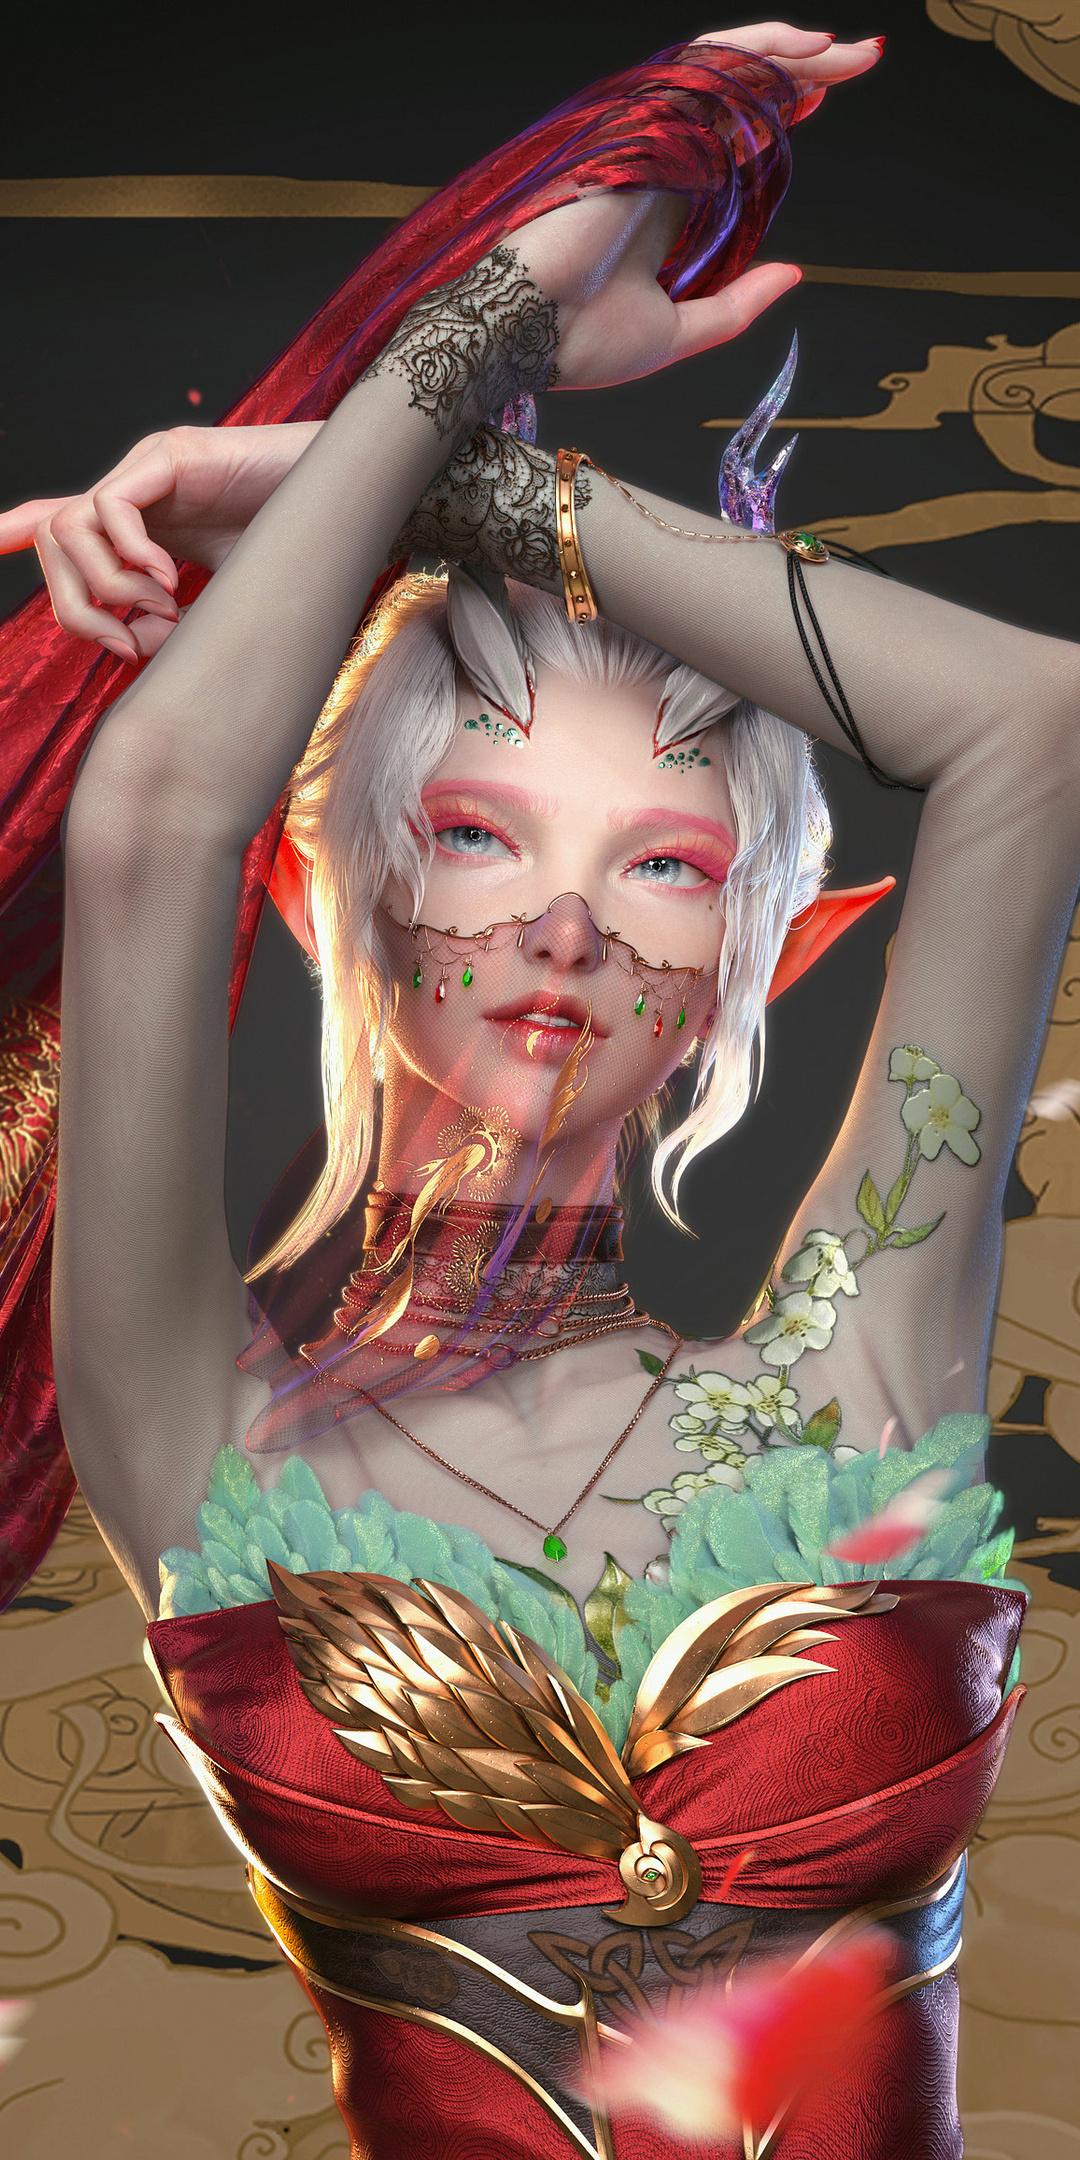 fantasy-girl-red-dress-4k-cl.jpg